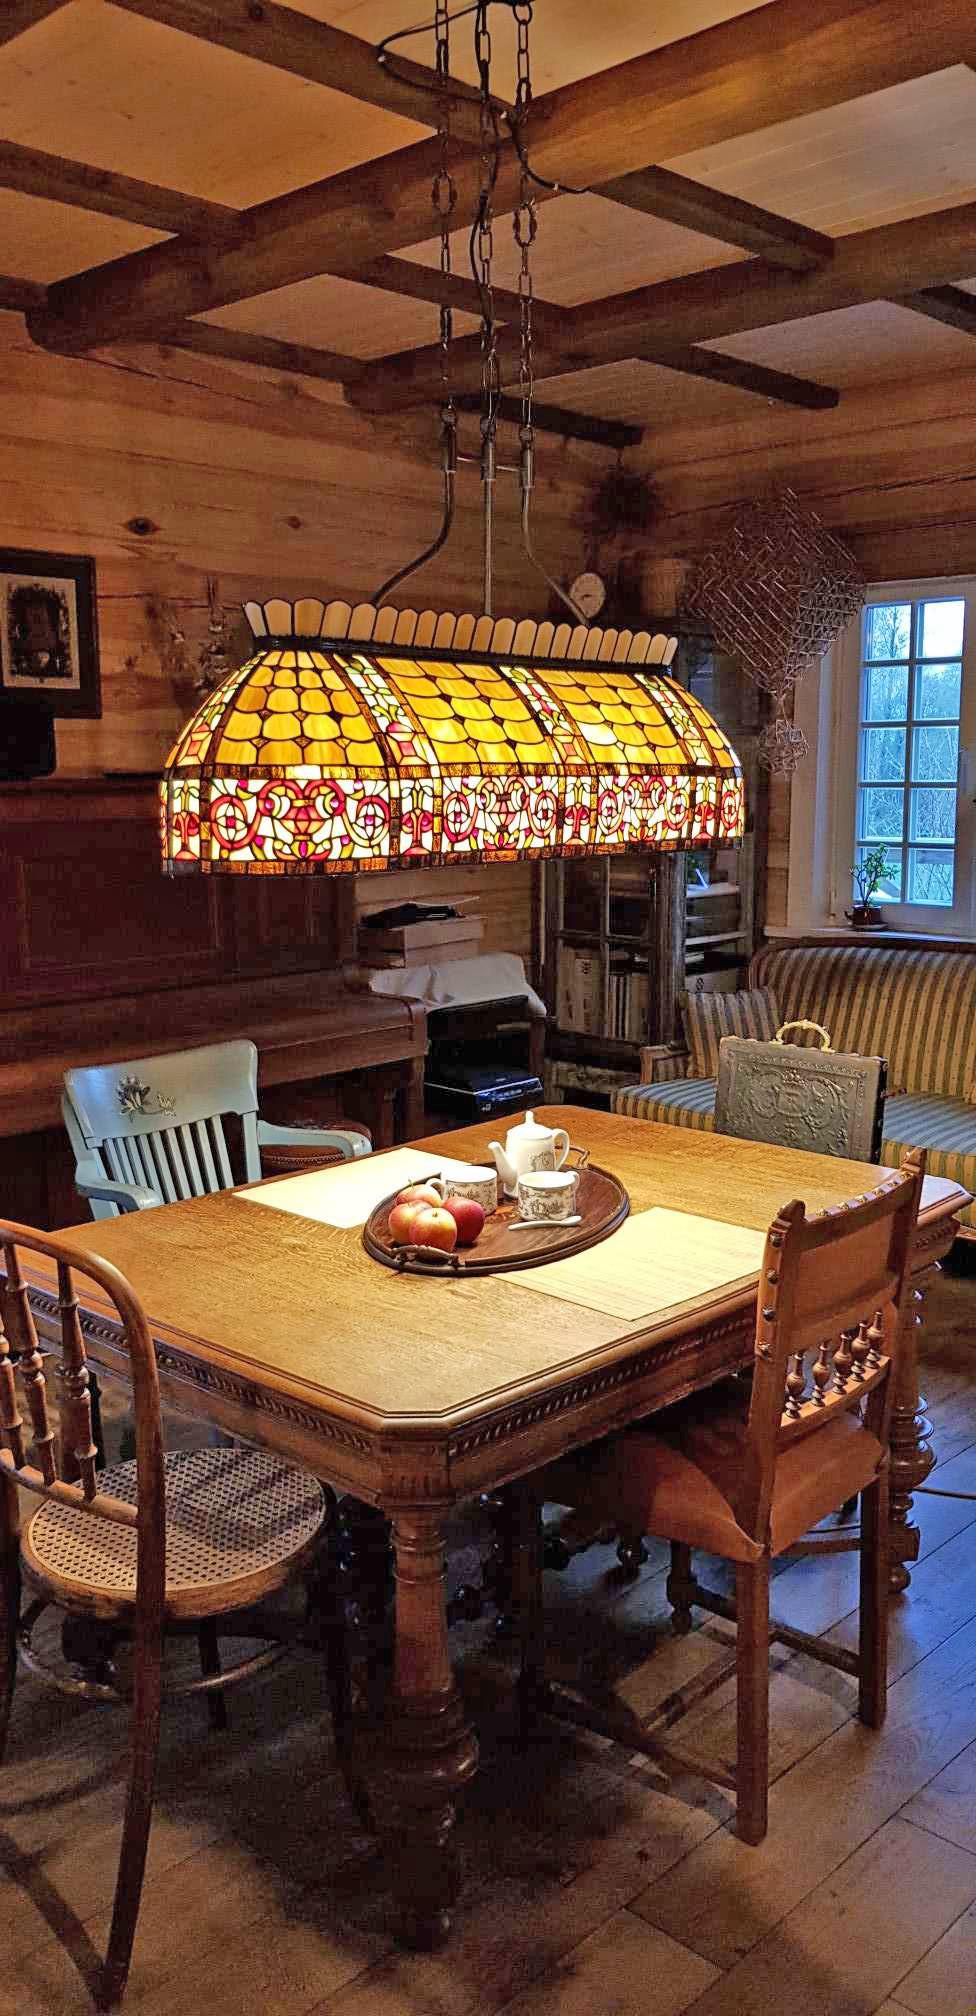 Full Size of Deckenlampe Esstisch Tiffany Billard Lampe Carrousel 5440 Lampen Wohnzimmer Landhaus Esstische Massivholz 2m Mit Stühlen Holz Weiß Ausziehbar Betonplatte Esstische Deckenlampe Esstisch